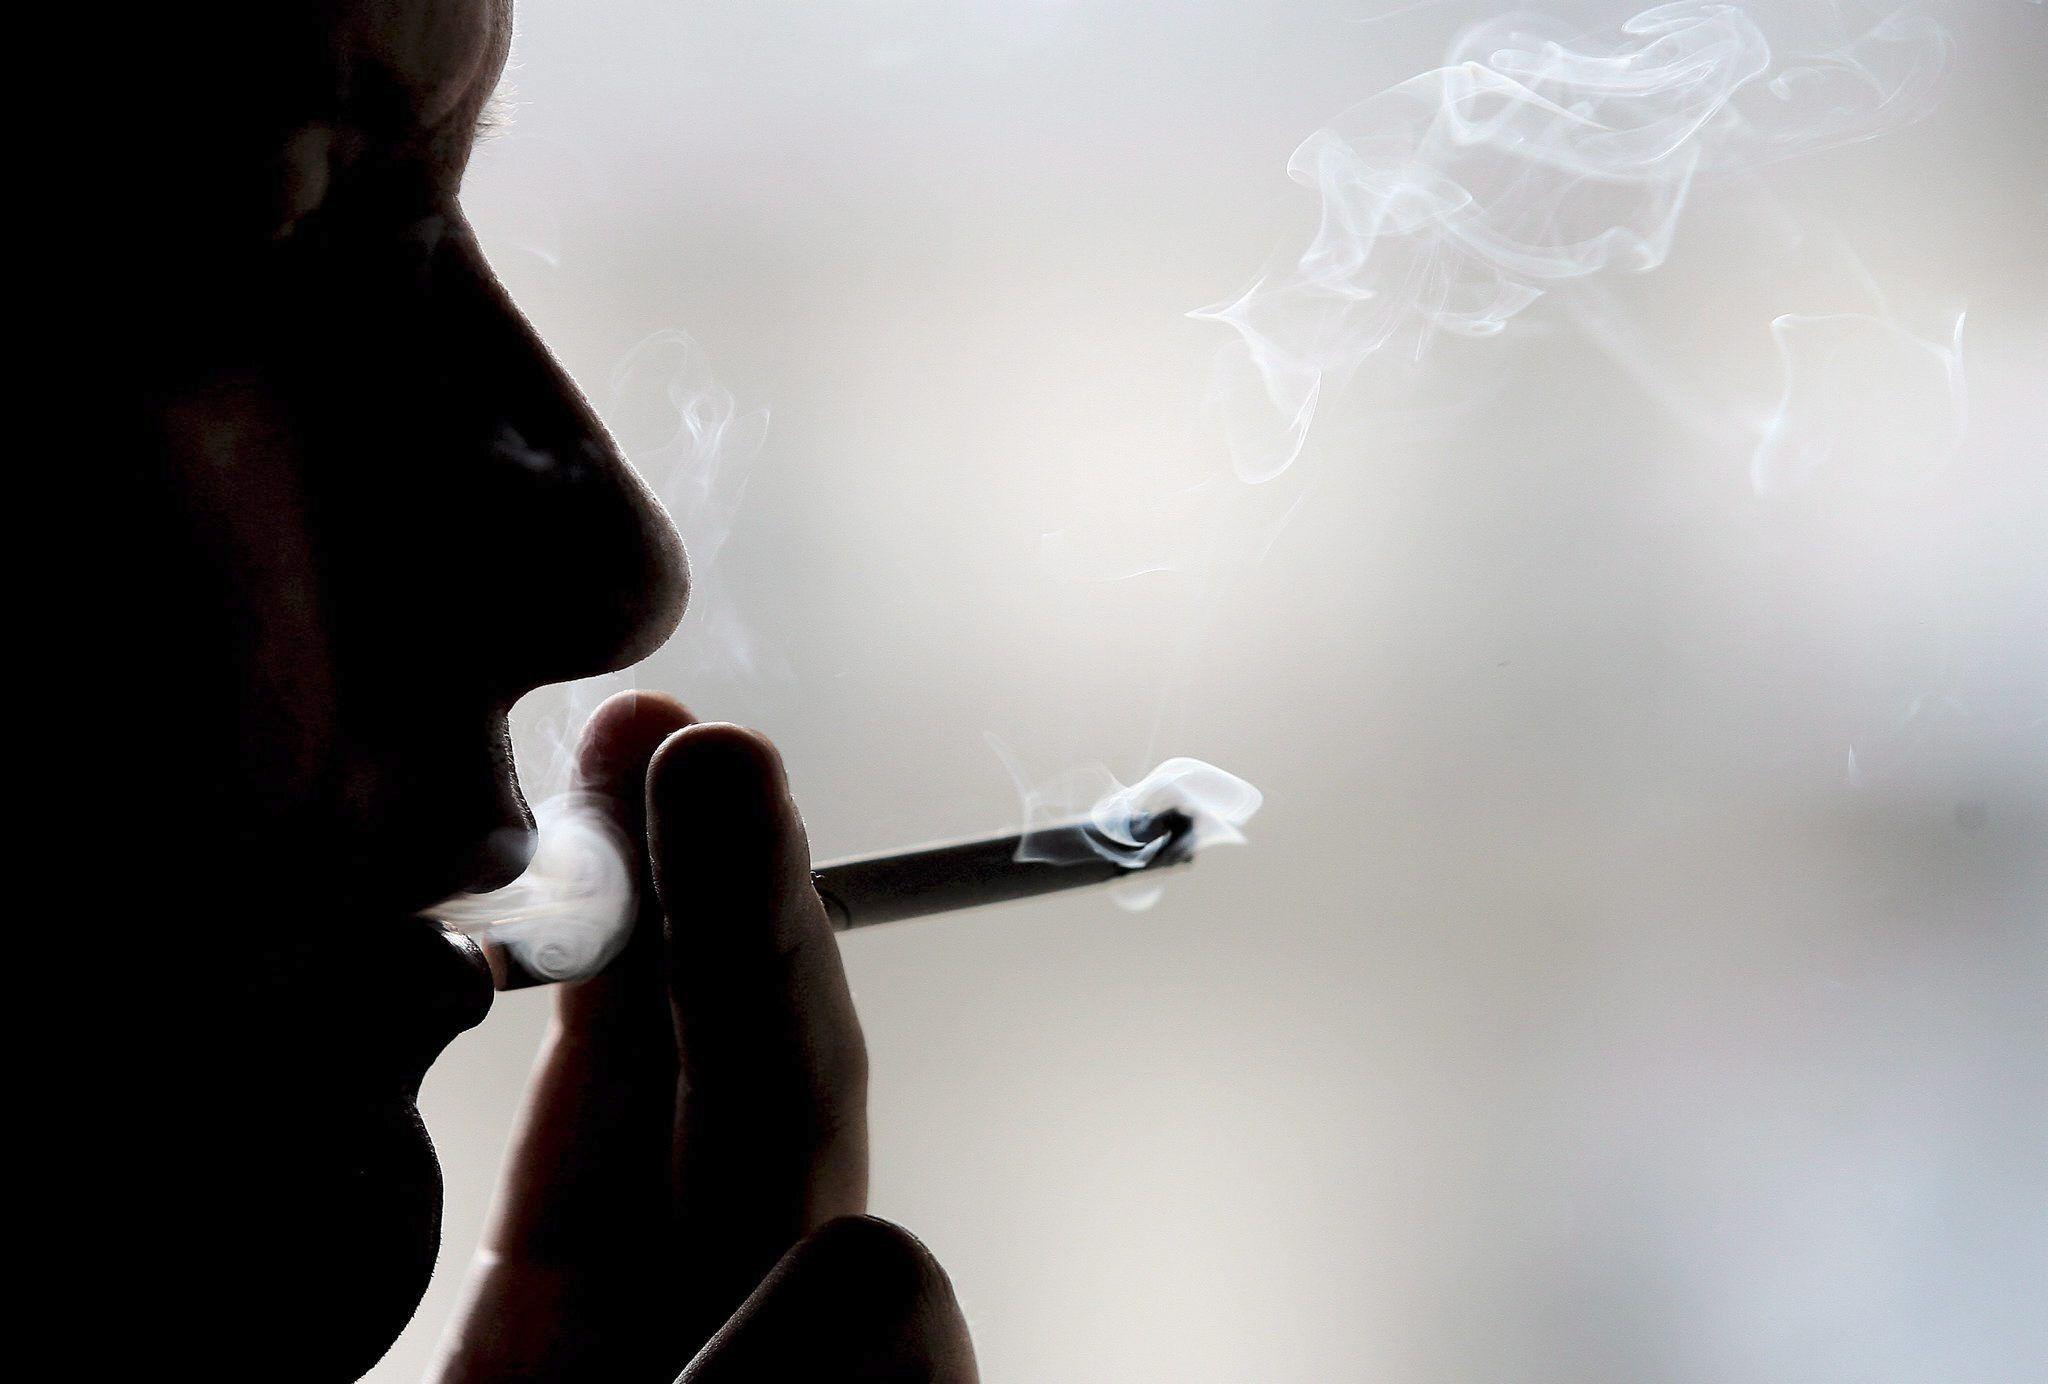 La mayor parte de sustancias tóxicas que se encuentran en el humo son por la combustión del tabaco (EFE/Oliver Weiken/Archivo)